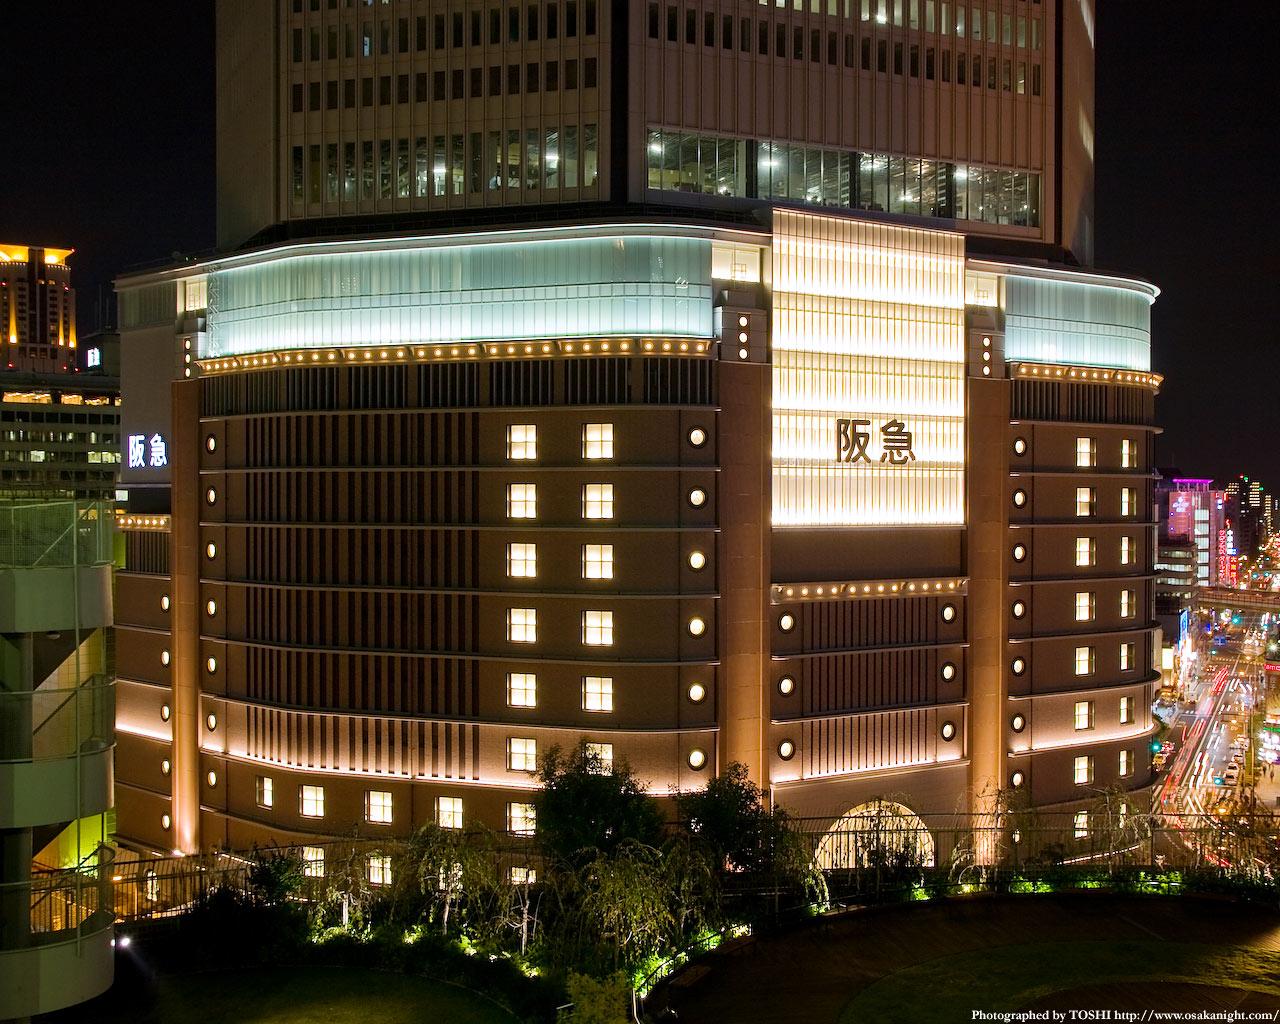 阪急百貨店梅田本店のライトアップ